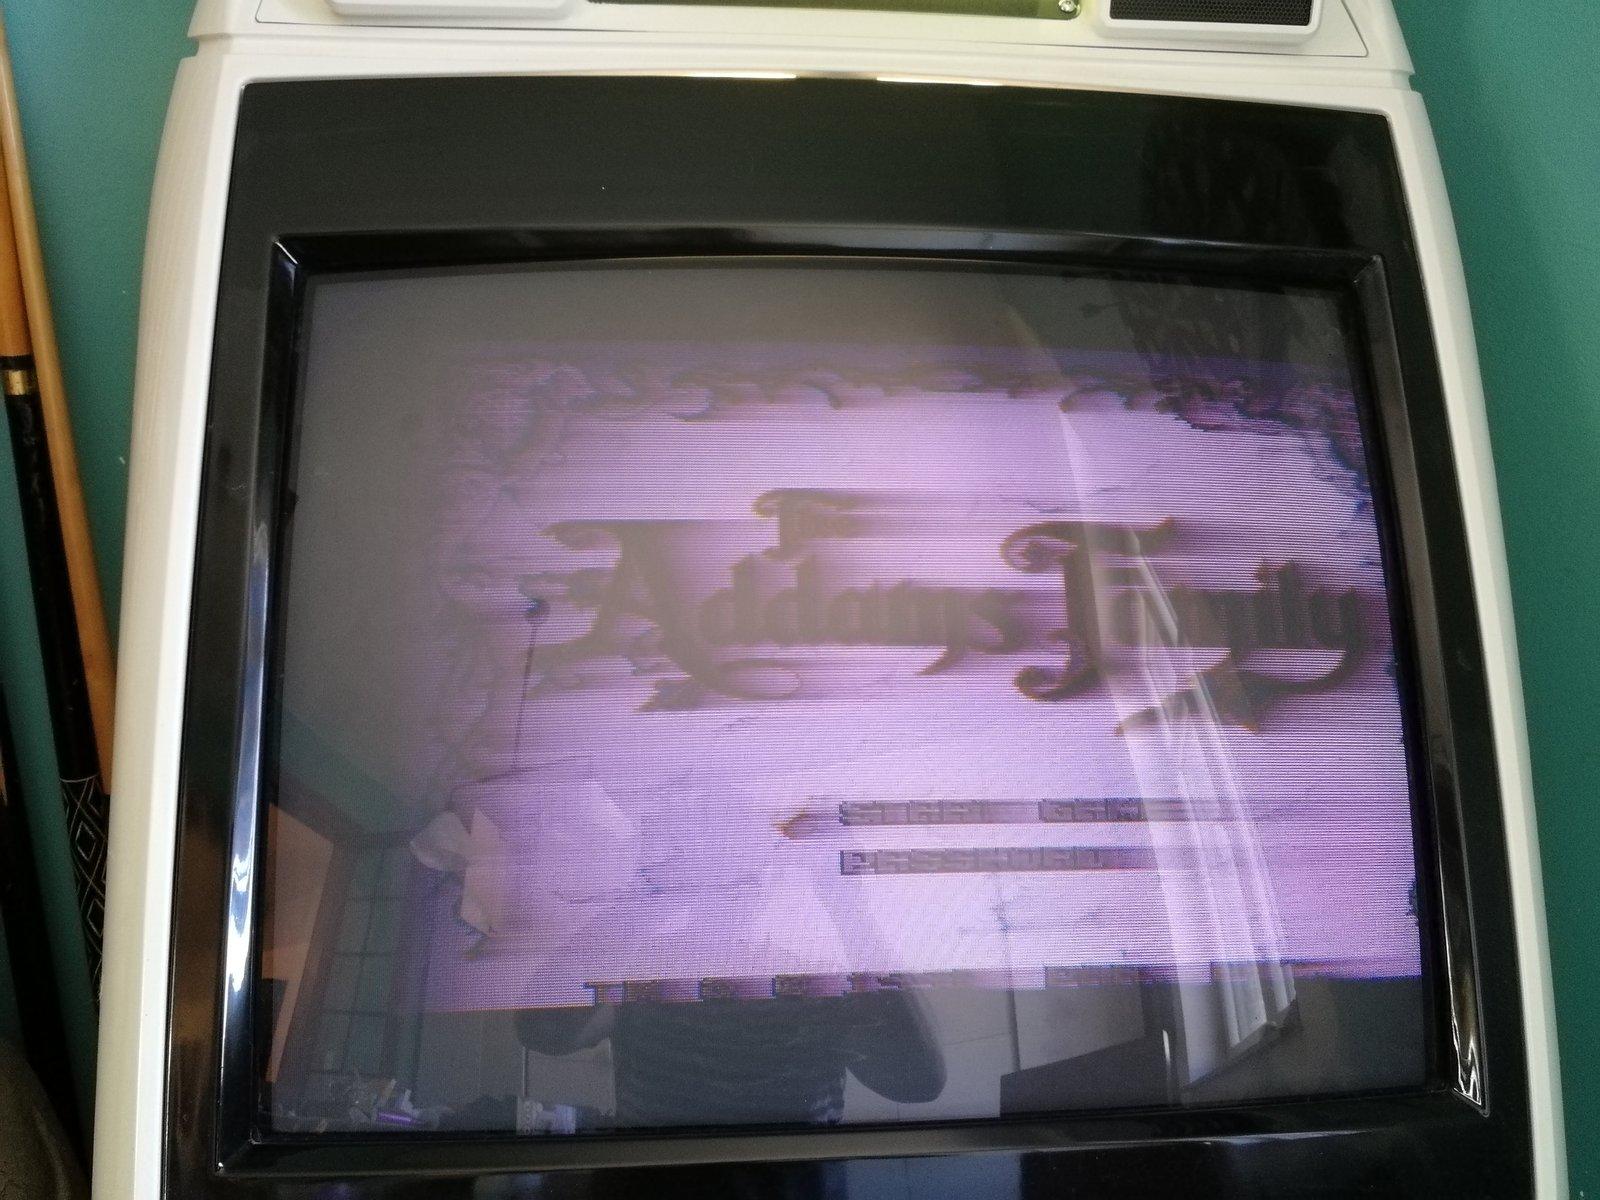 NAC - Mon écran s'est allumé en mauve puis ne redémarre plus 190628062034773128